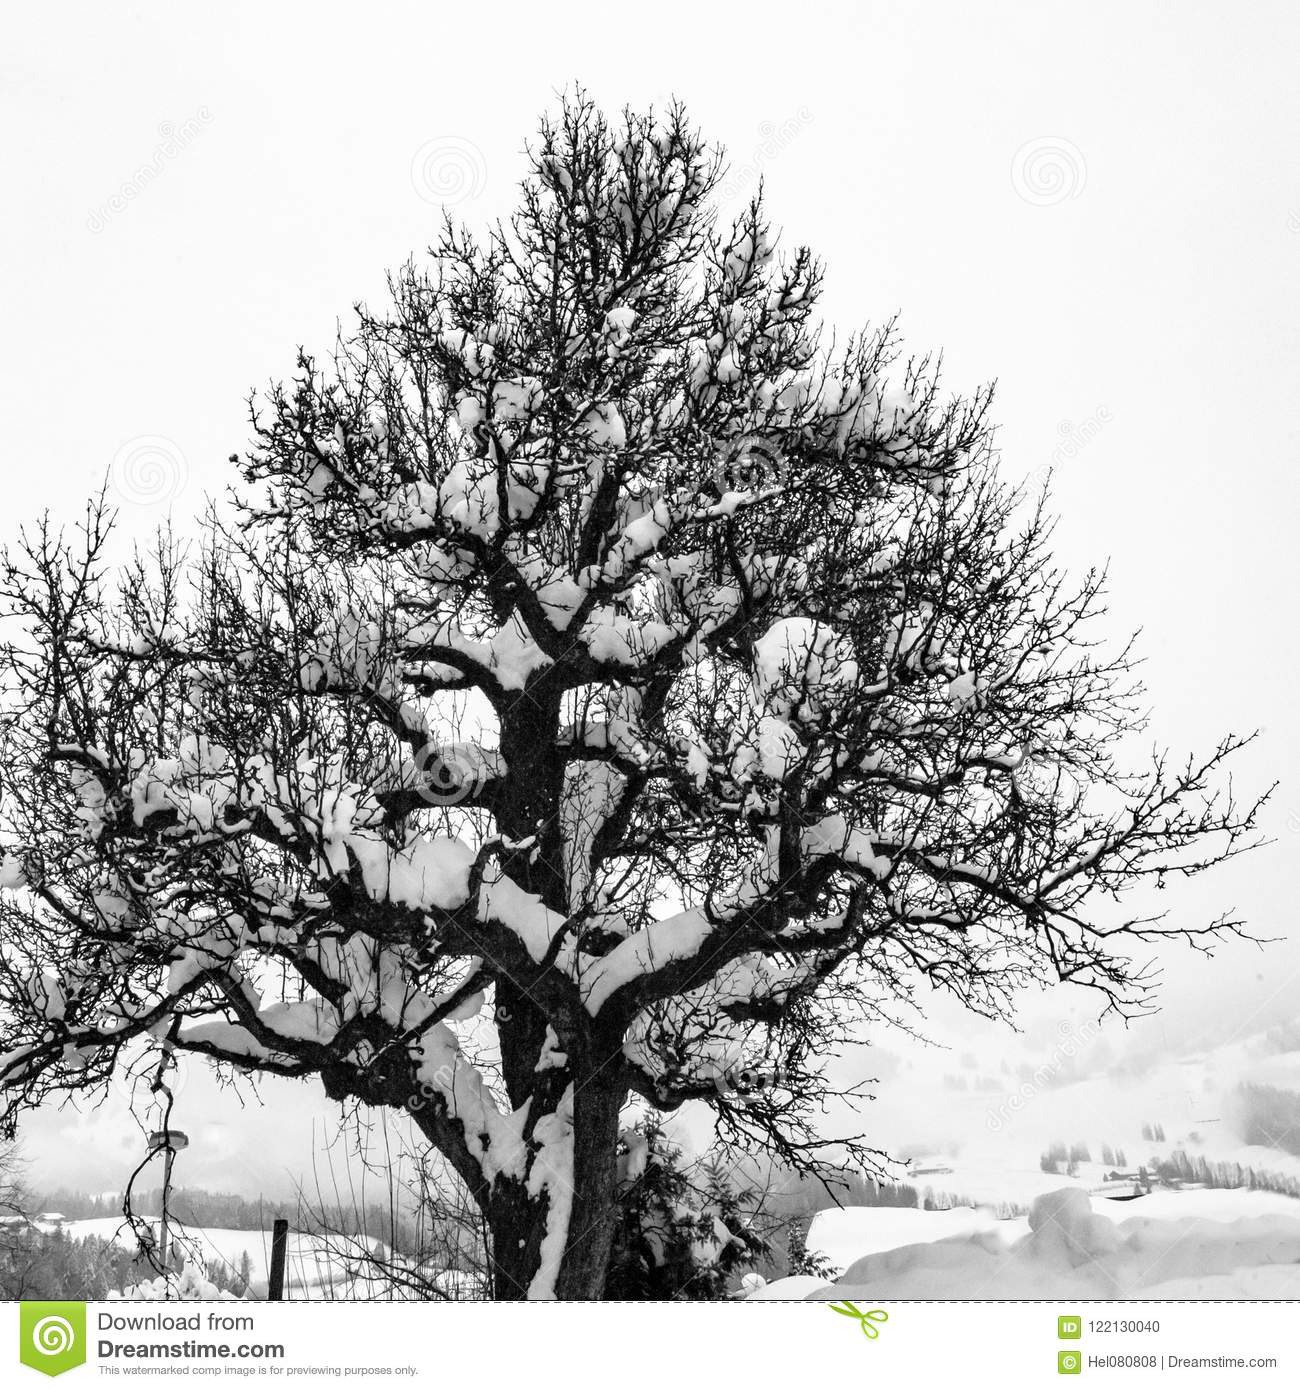 vieil-arbre-couvert-de-neige-en-hiver-noir-et-blanc-photographie-122130040